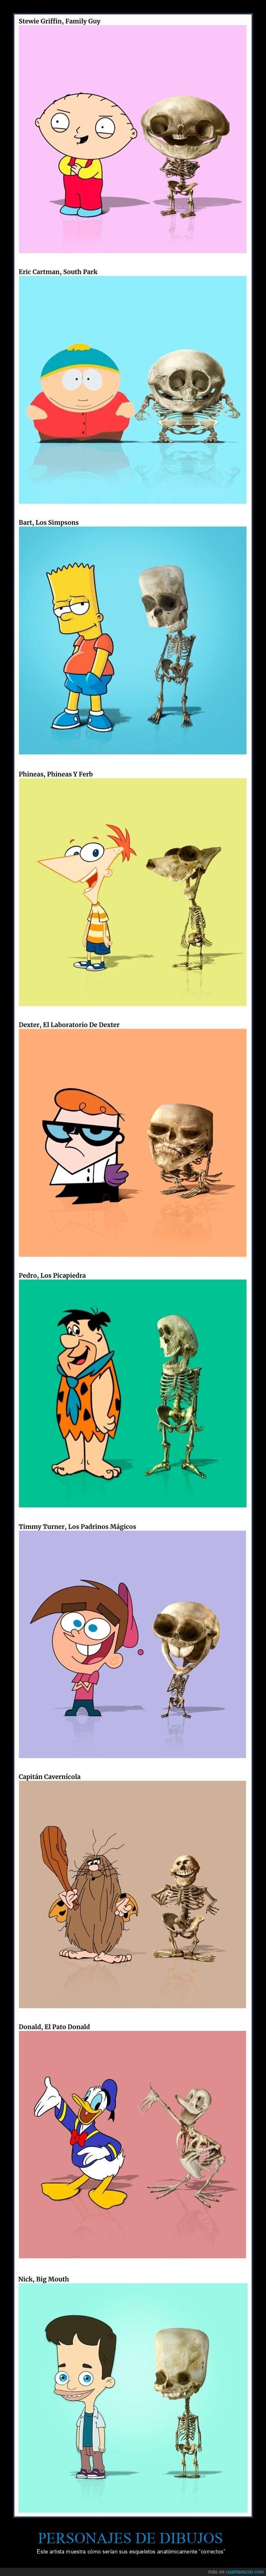 esqueletos,personajes